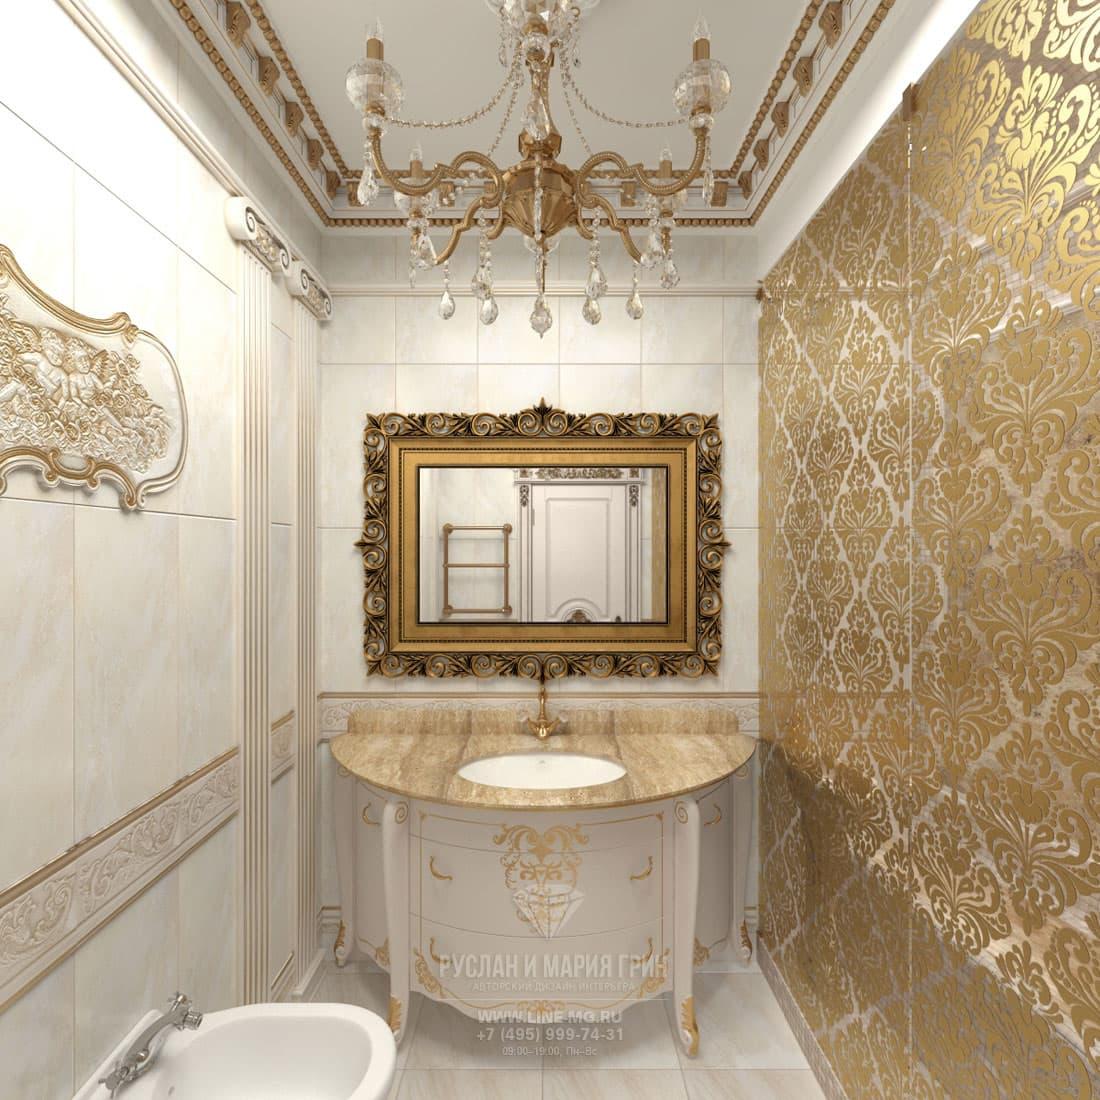 Интерьер бело-золотой ванной комнаты